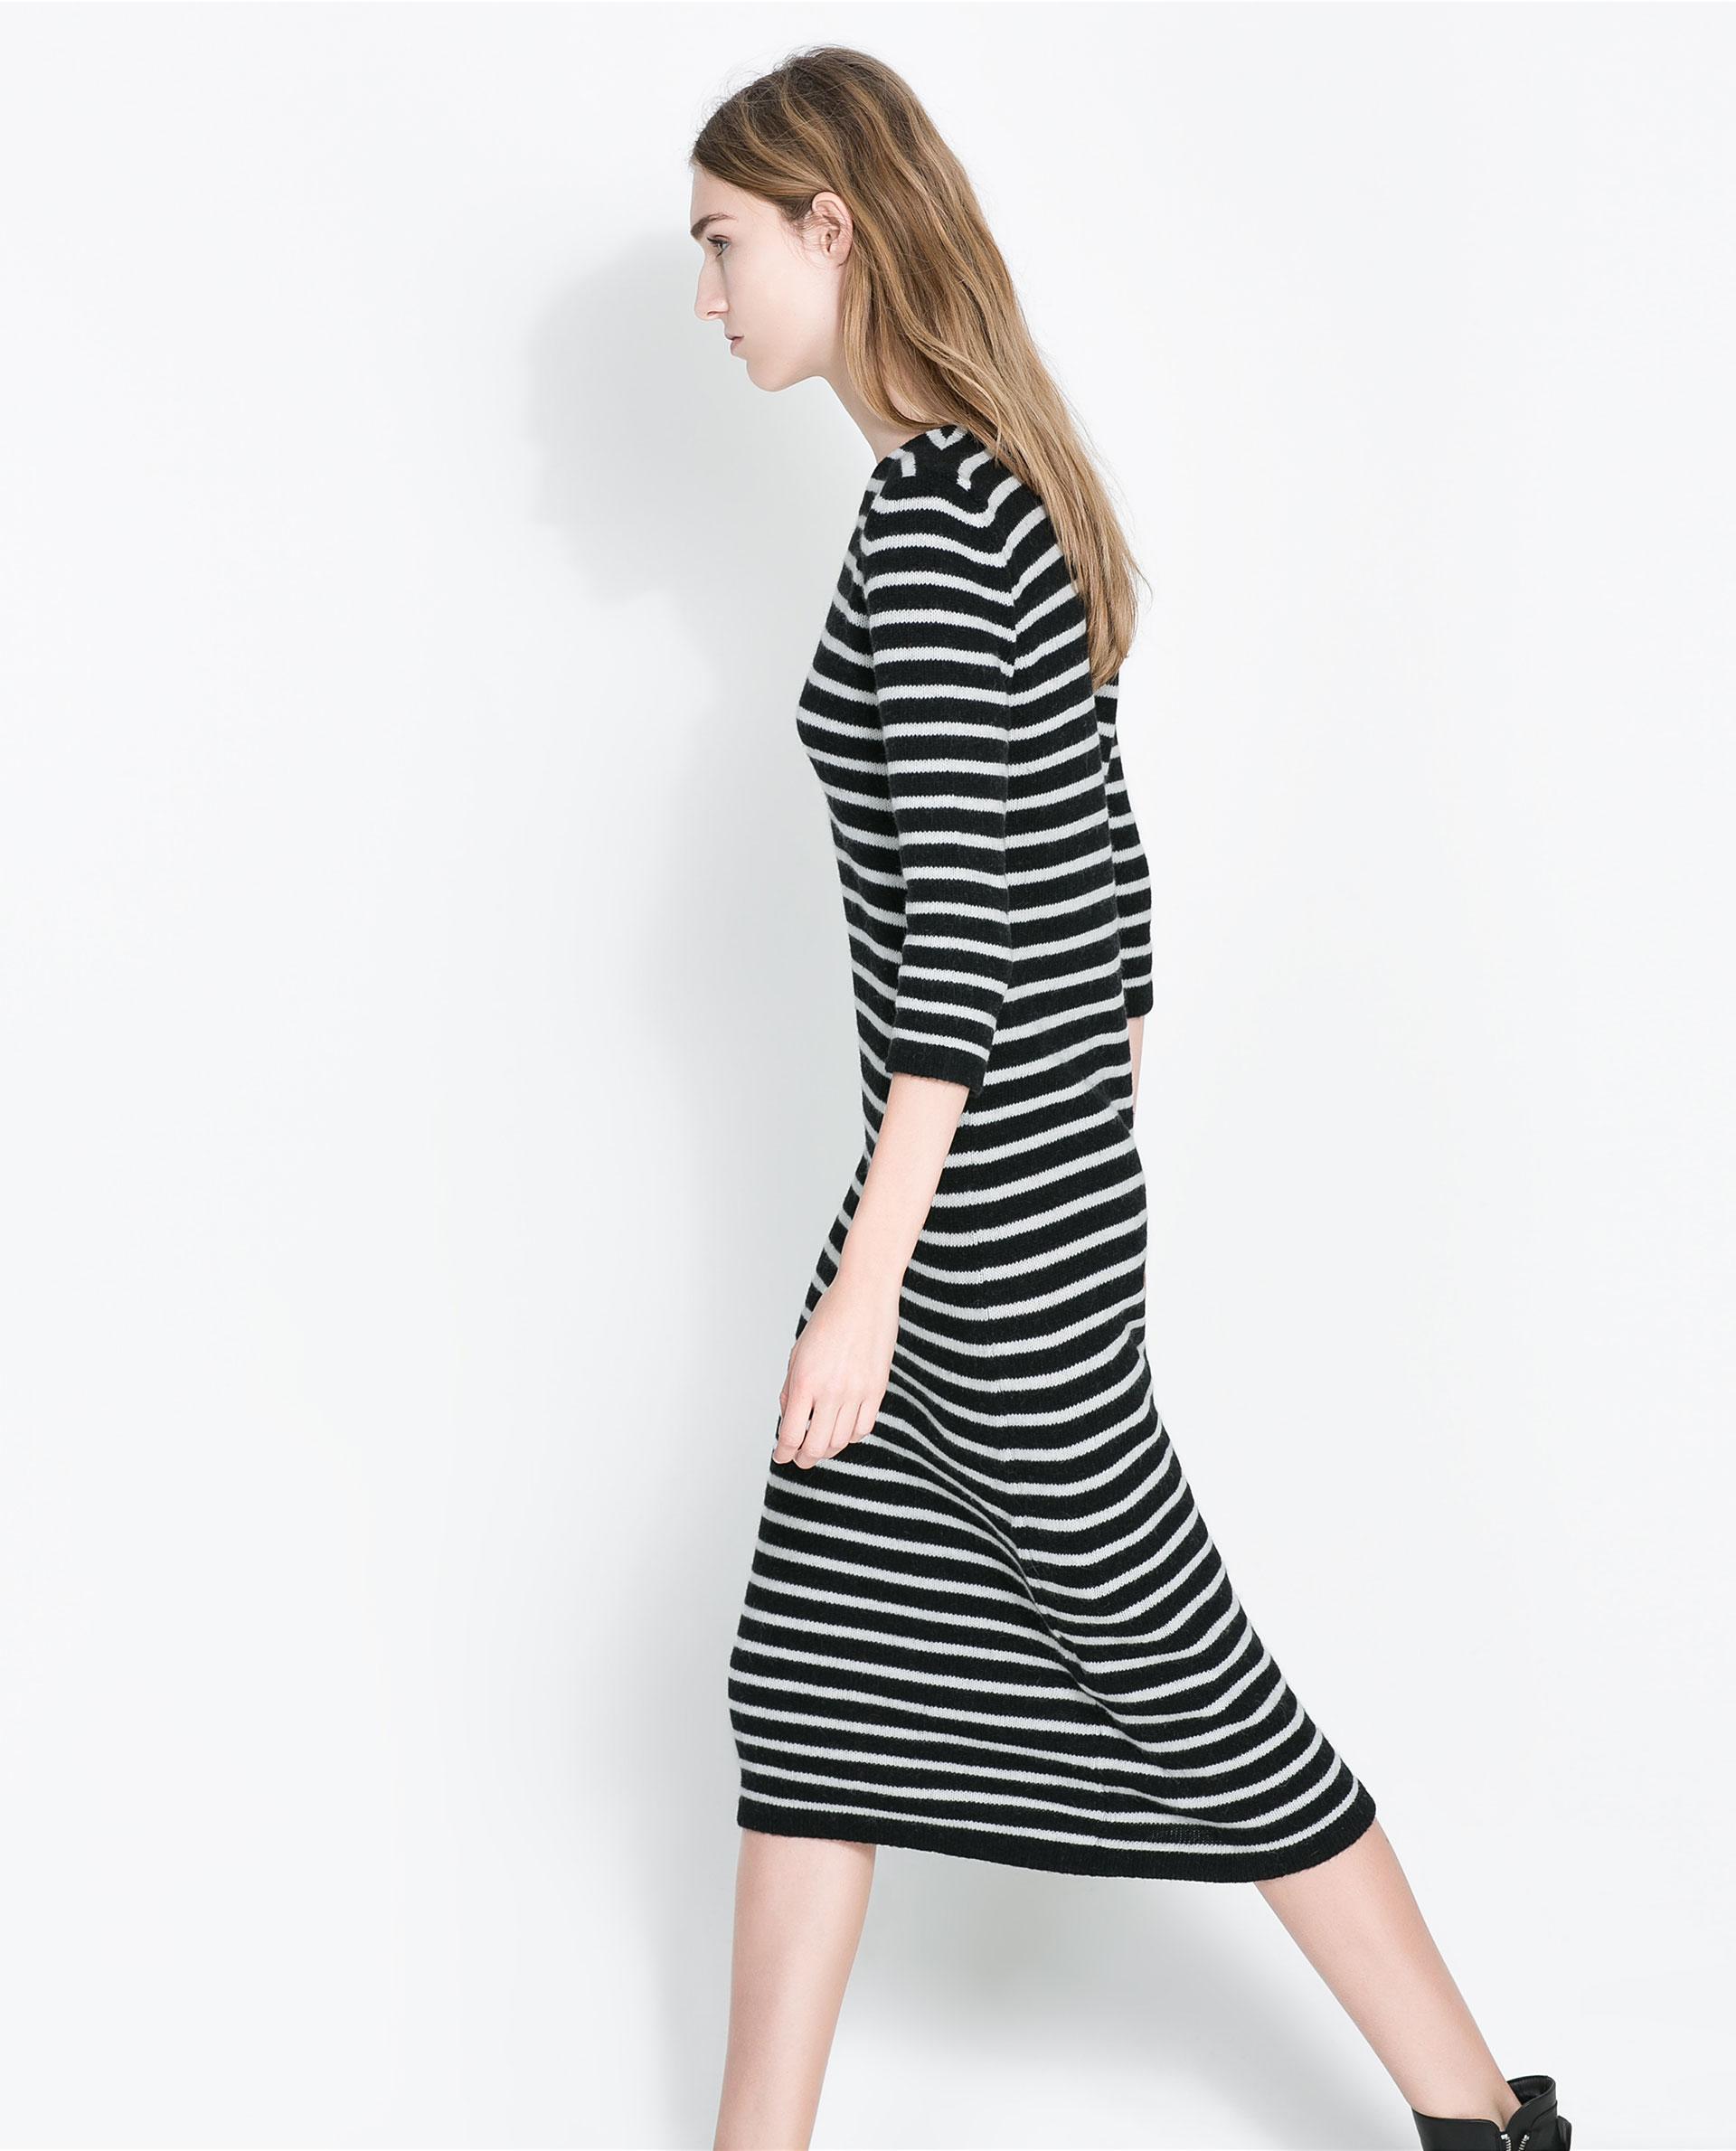 Stripe Dress Zara 2013